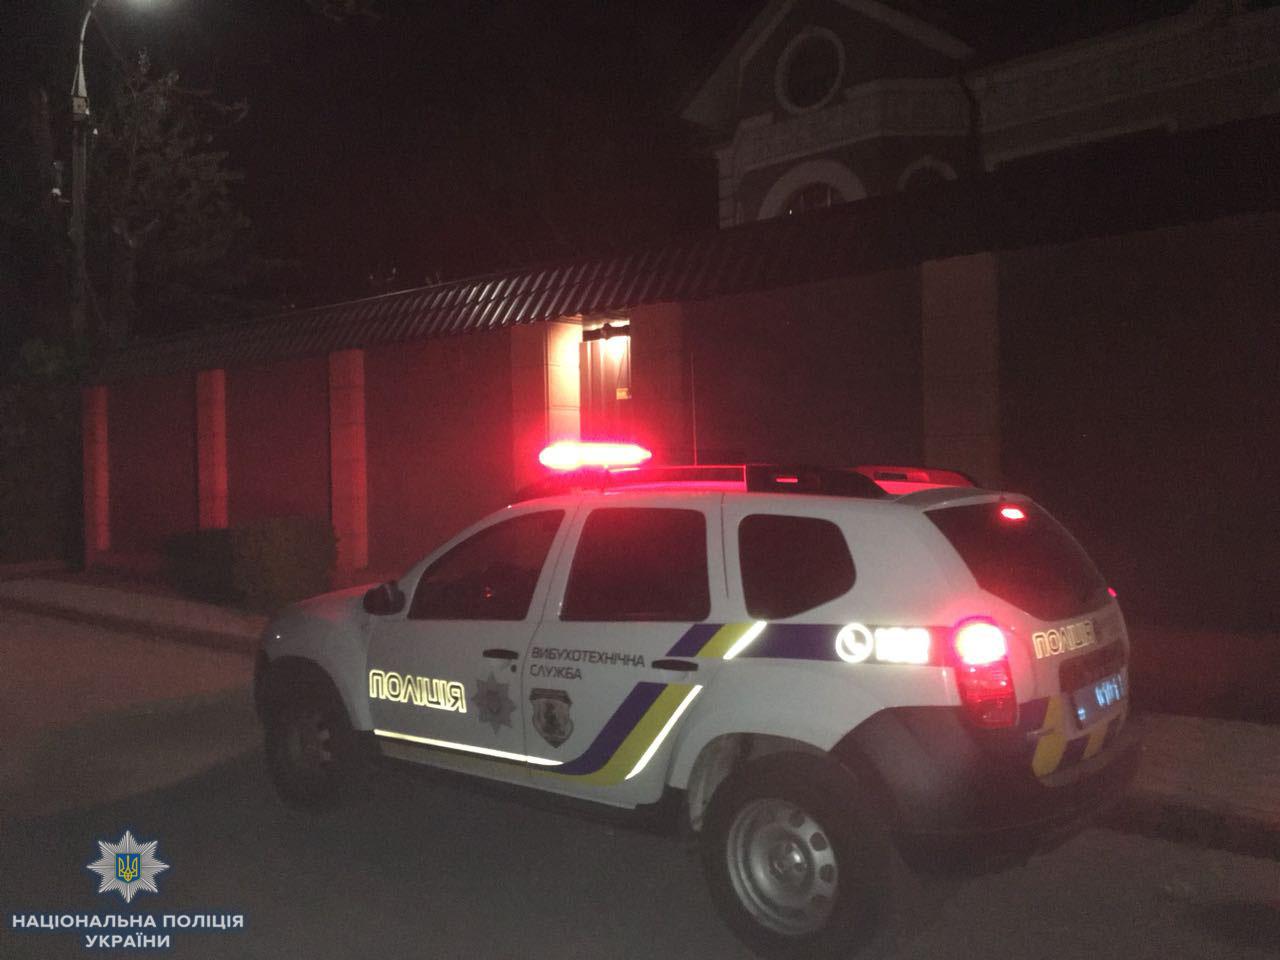 Вибух у центрі Херсона, поліція встановлює обставини